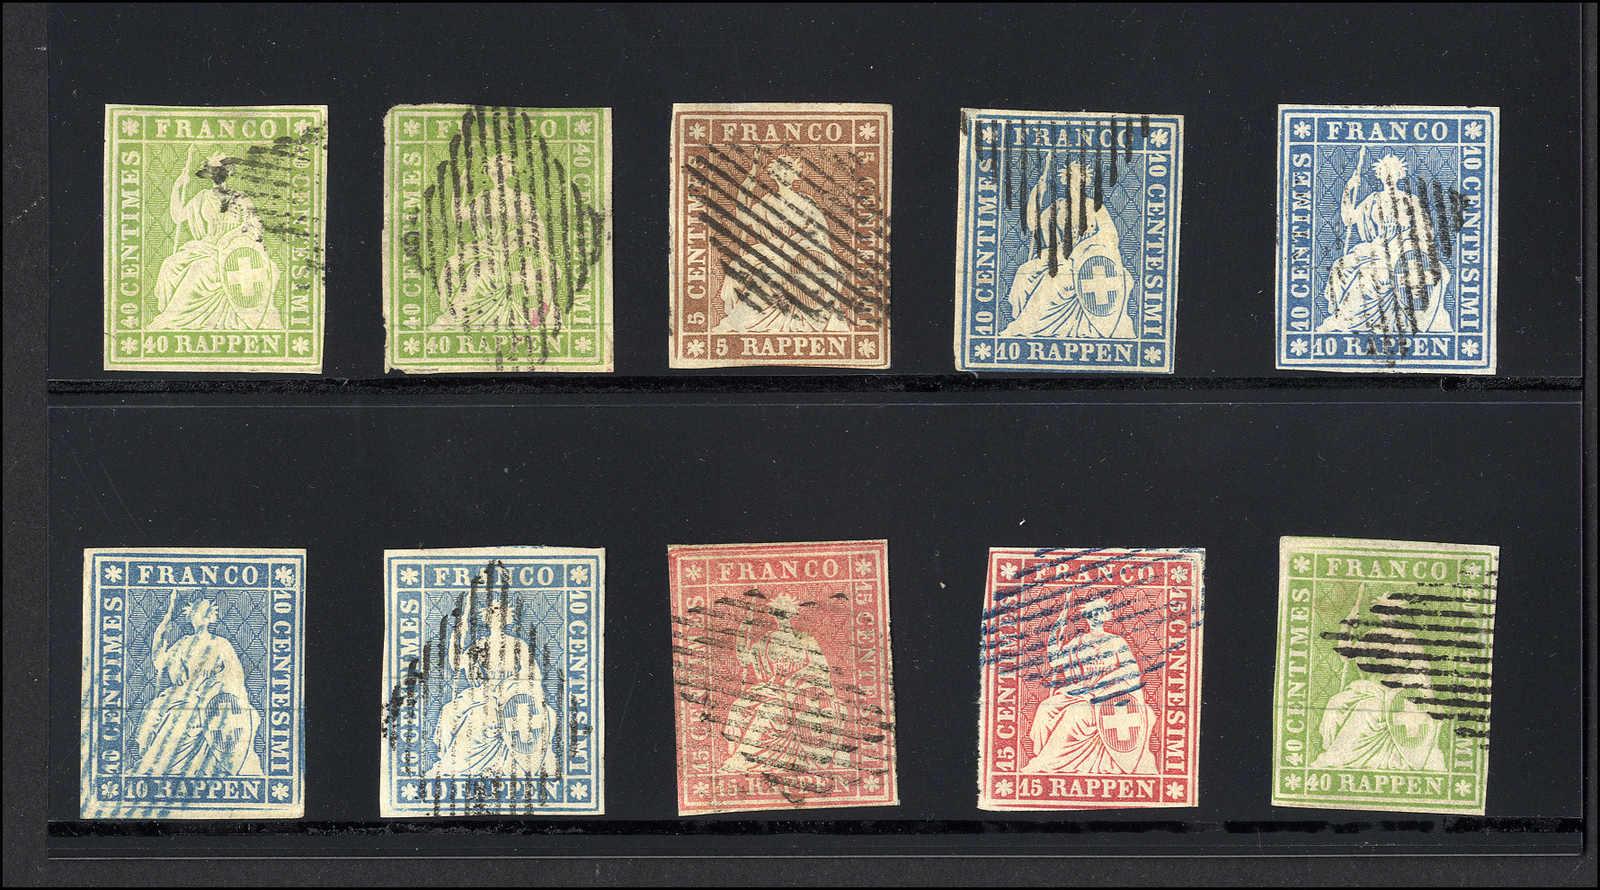 Lot 41 - sammlungen und posten sammlungen und posten altschweiz -  Rolli Auctions Auction #68 Day 1